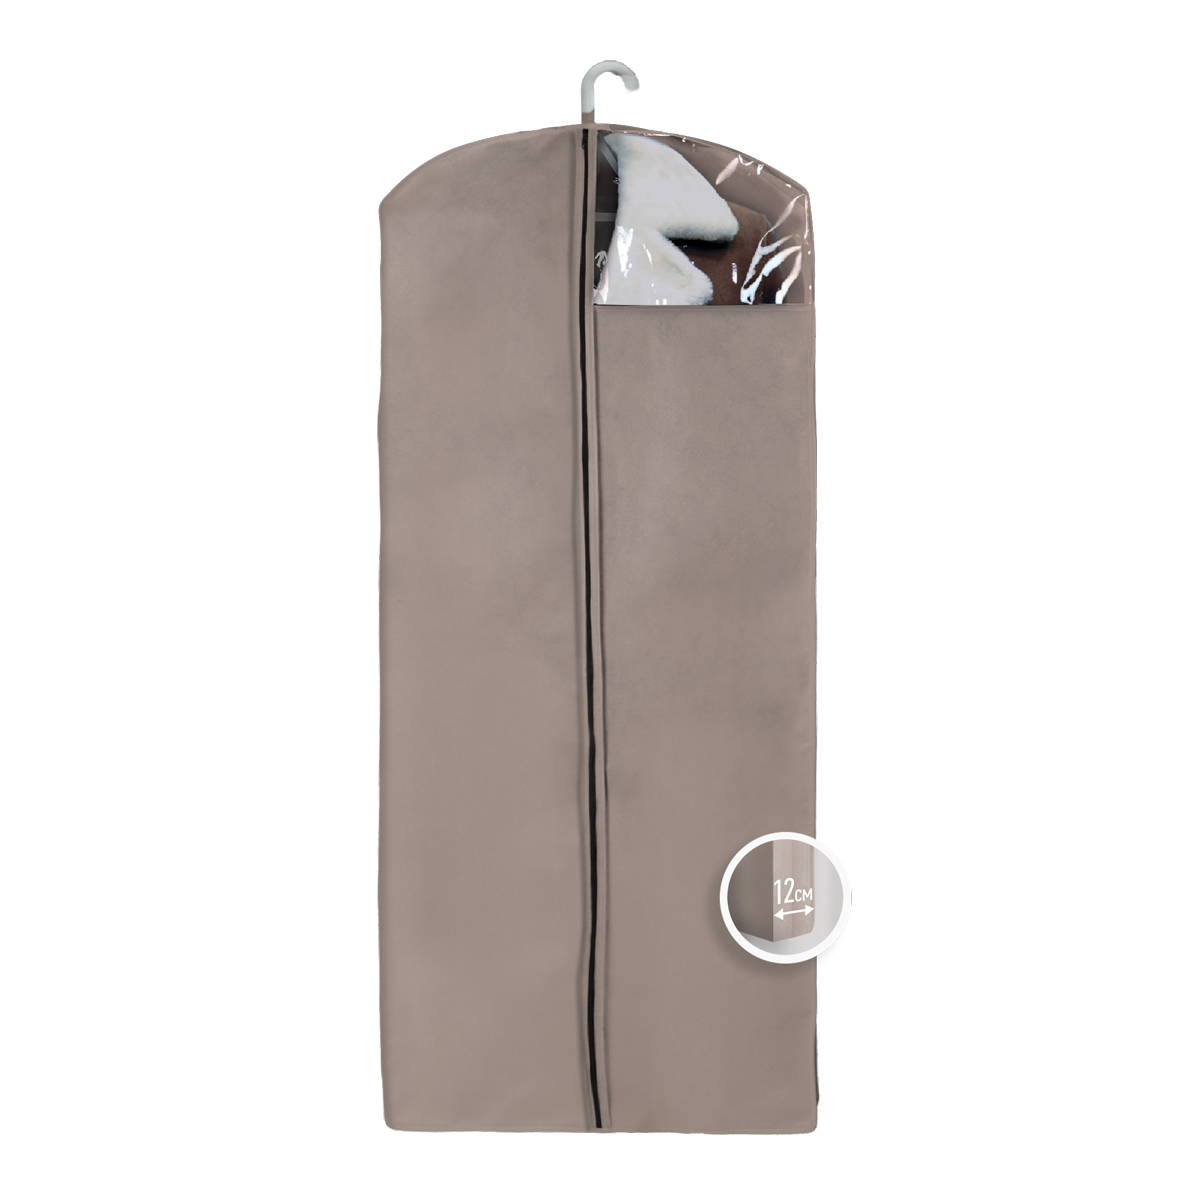 Чехол для верхней одежды Miolla, с окошком, цвет: бежевый, 140 х 60 х 12 см12723Чехол для верхней одежды Miolla на застежке-молнии выполнен из высококачественного нетканого материала. Прозрачное полиэтиленовое окошко позволяет видеть содержимое чехла. Подходит для длительного хранения вещей.Чехол обеспечивает вашей одежде надежную защиту от влажности, повреждений и грязи при транспортировке, от запыления при хранении и проникновения моли. Чехол обладает водоотталкивающими свойствами, а также позволяет воздуху свободно поступать внутрь вещей, обеспечивая их кондиционирование. Это особенно важно при хранении кожаных и меховых изделий.Размер чехла: 140 х 60 х 12 см.